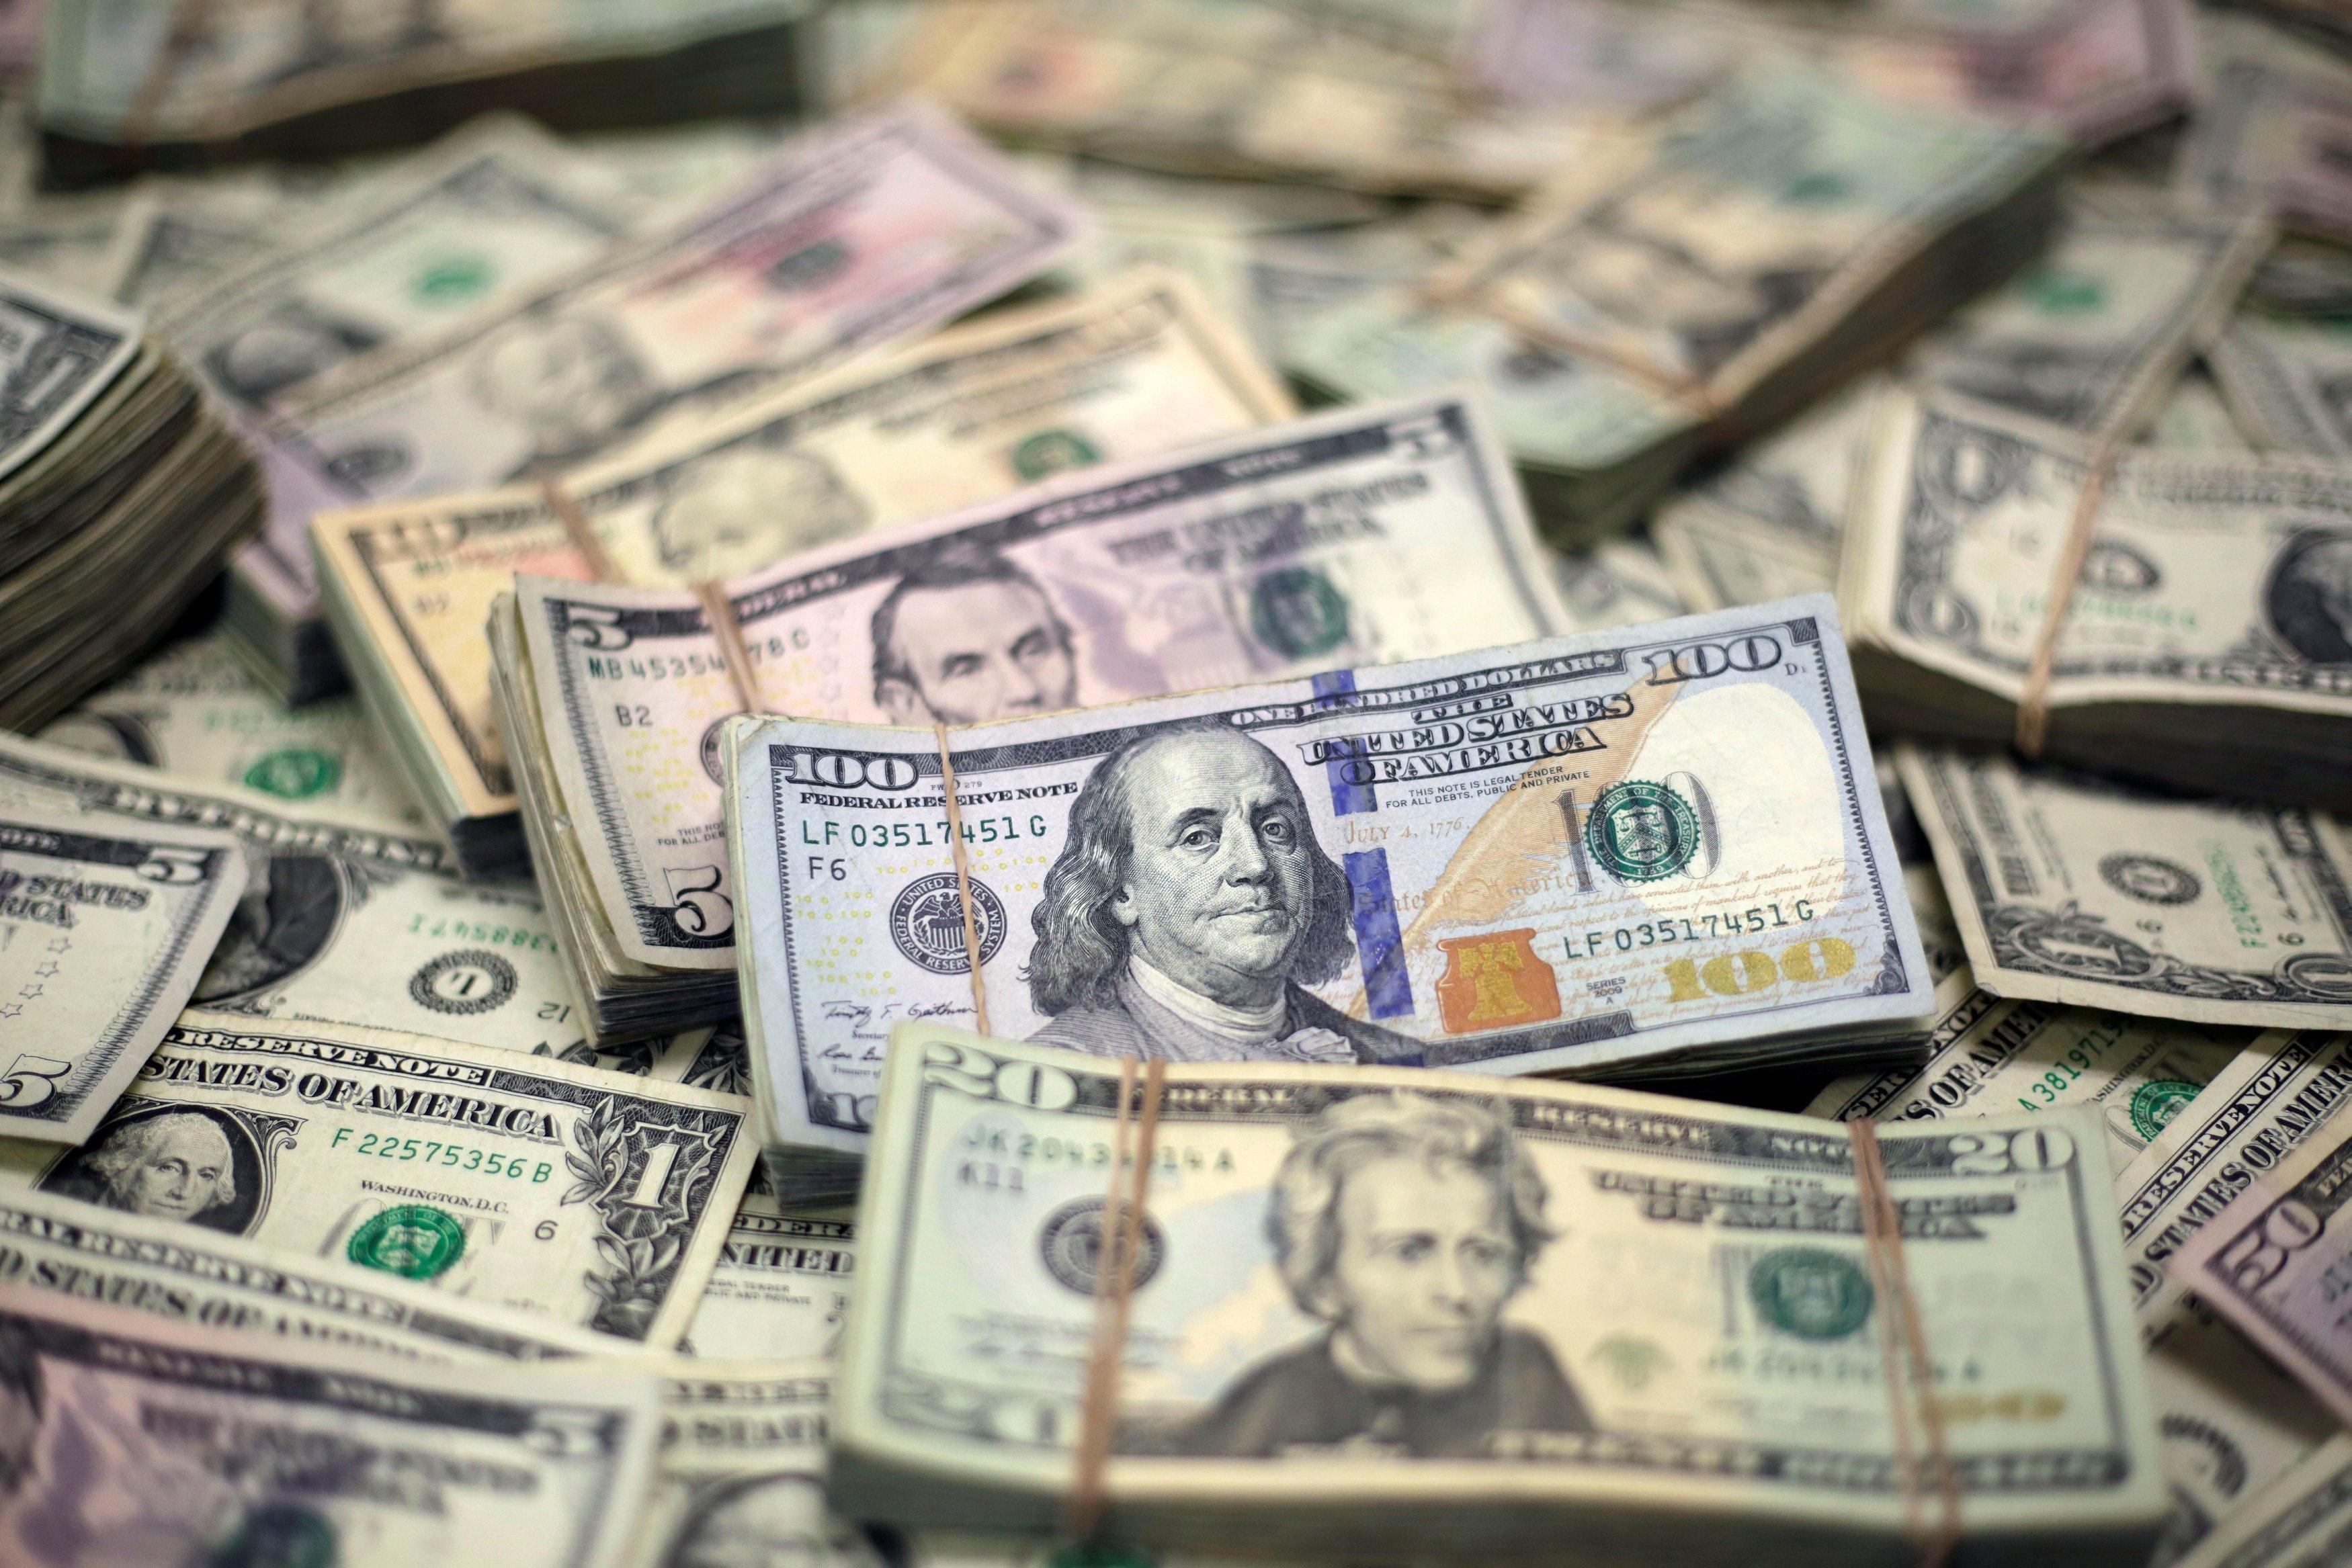 الدولار يتراجع مع موازنة المستثمرين بين الآمال في مواجهة مخاوف الفيروس